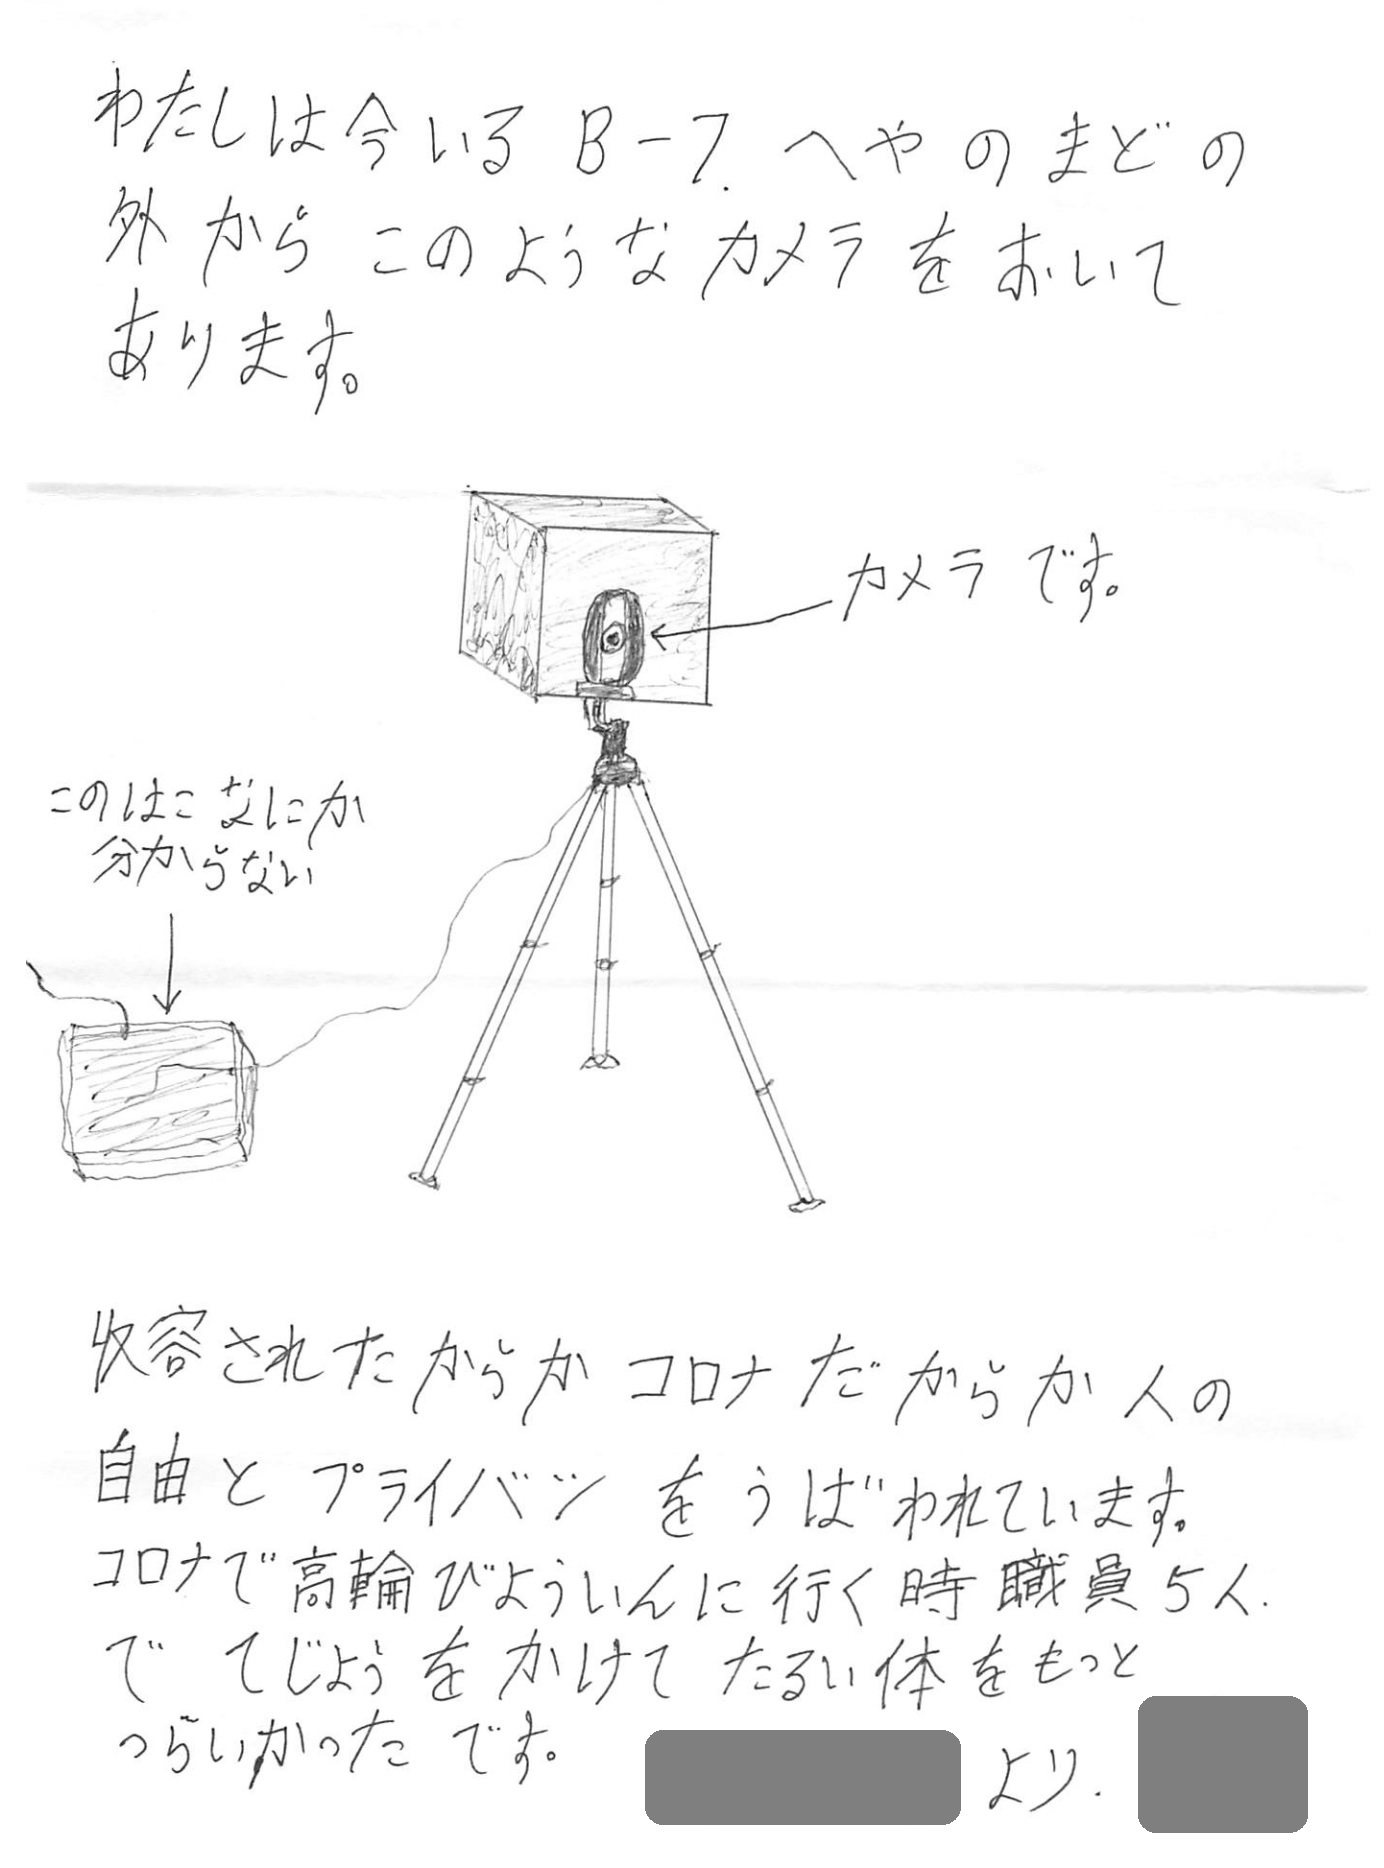 東京入管コロナ感染者の続報 40度の発熱でも放置、通院時には手錠 _e0188516_00541147.jpg